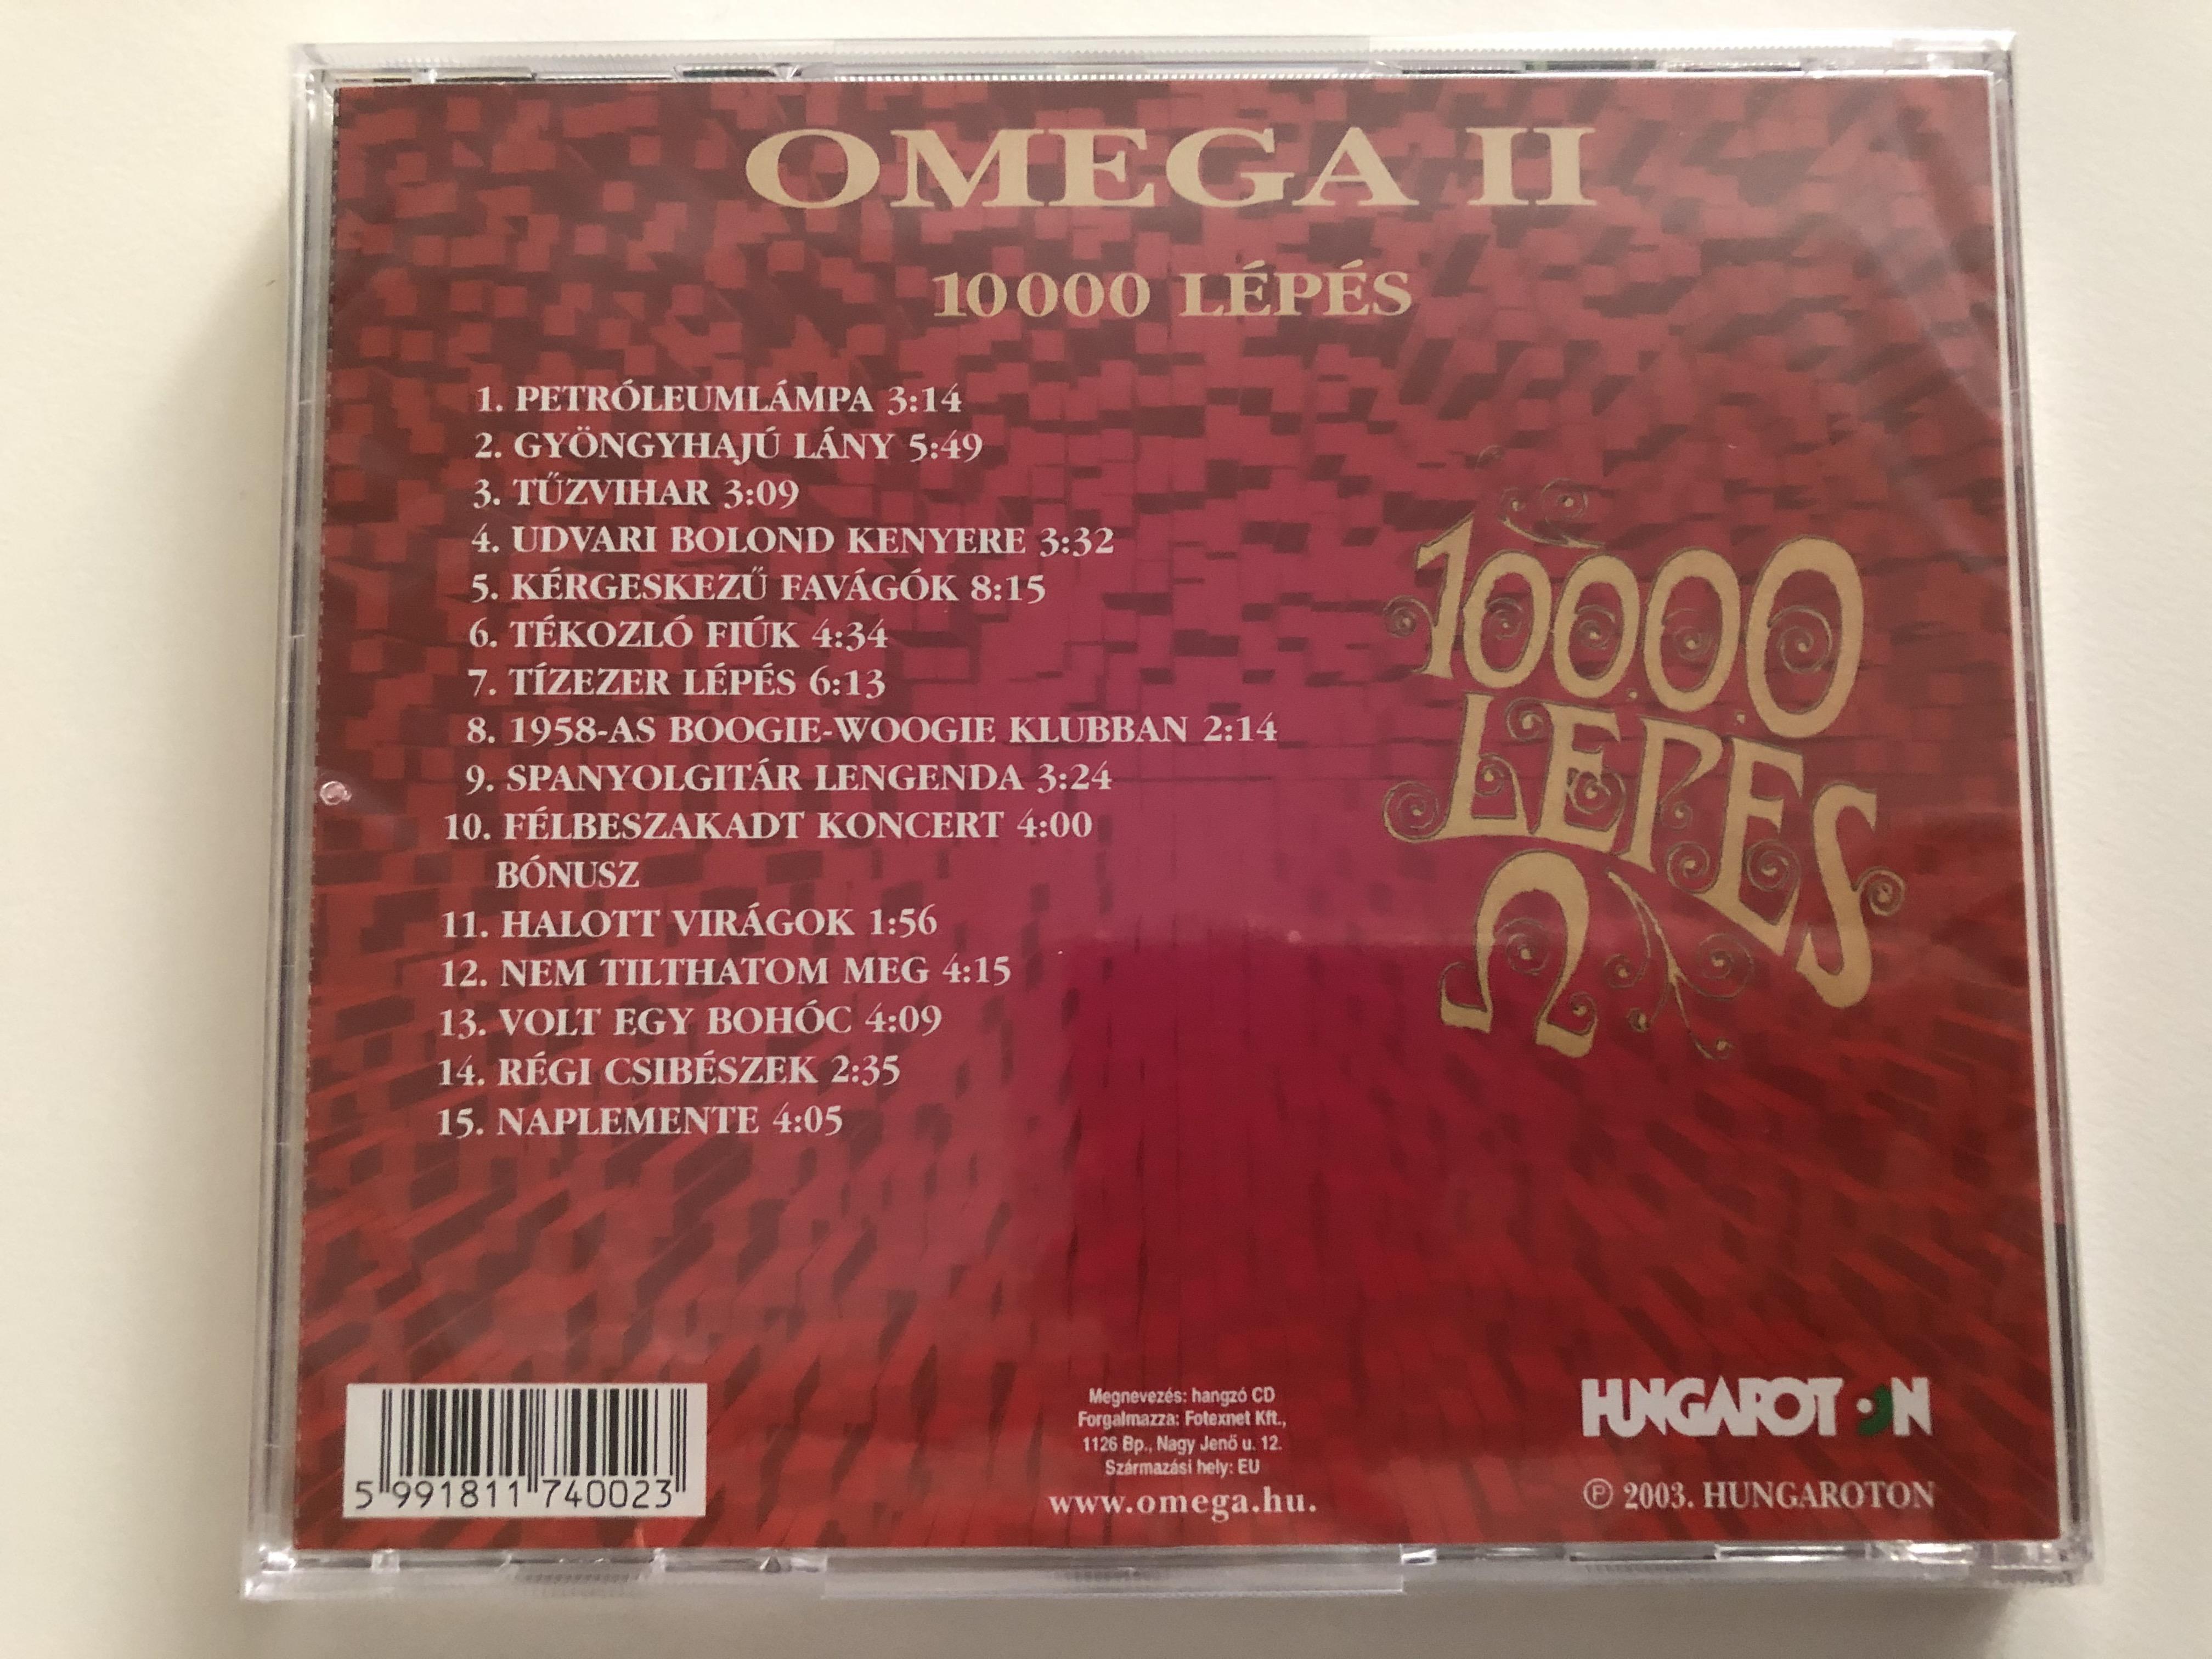 omega-10000-l-p-s-hungaroton-audio-cd-2003-hcd-17400-2-.jpg